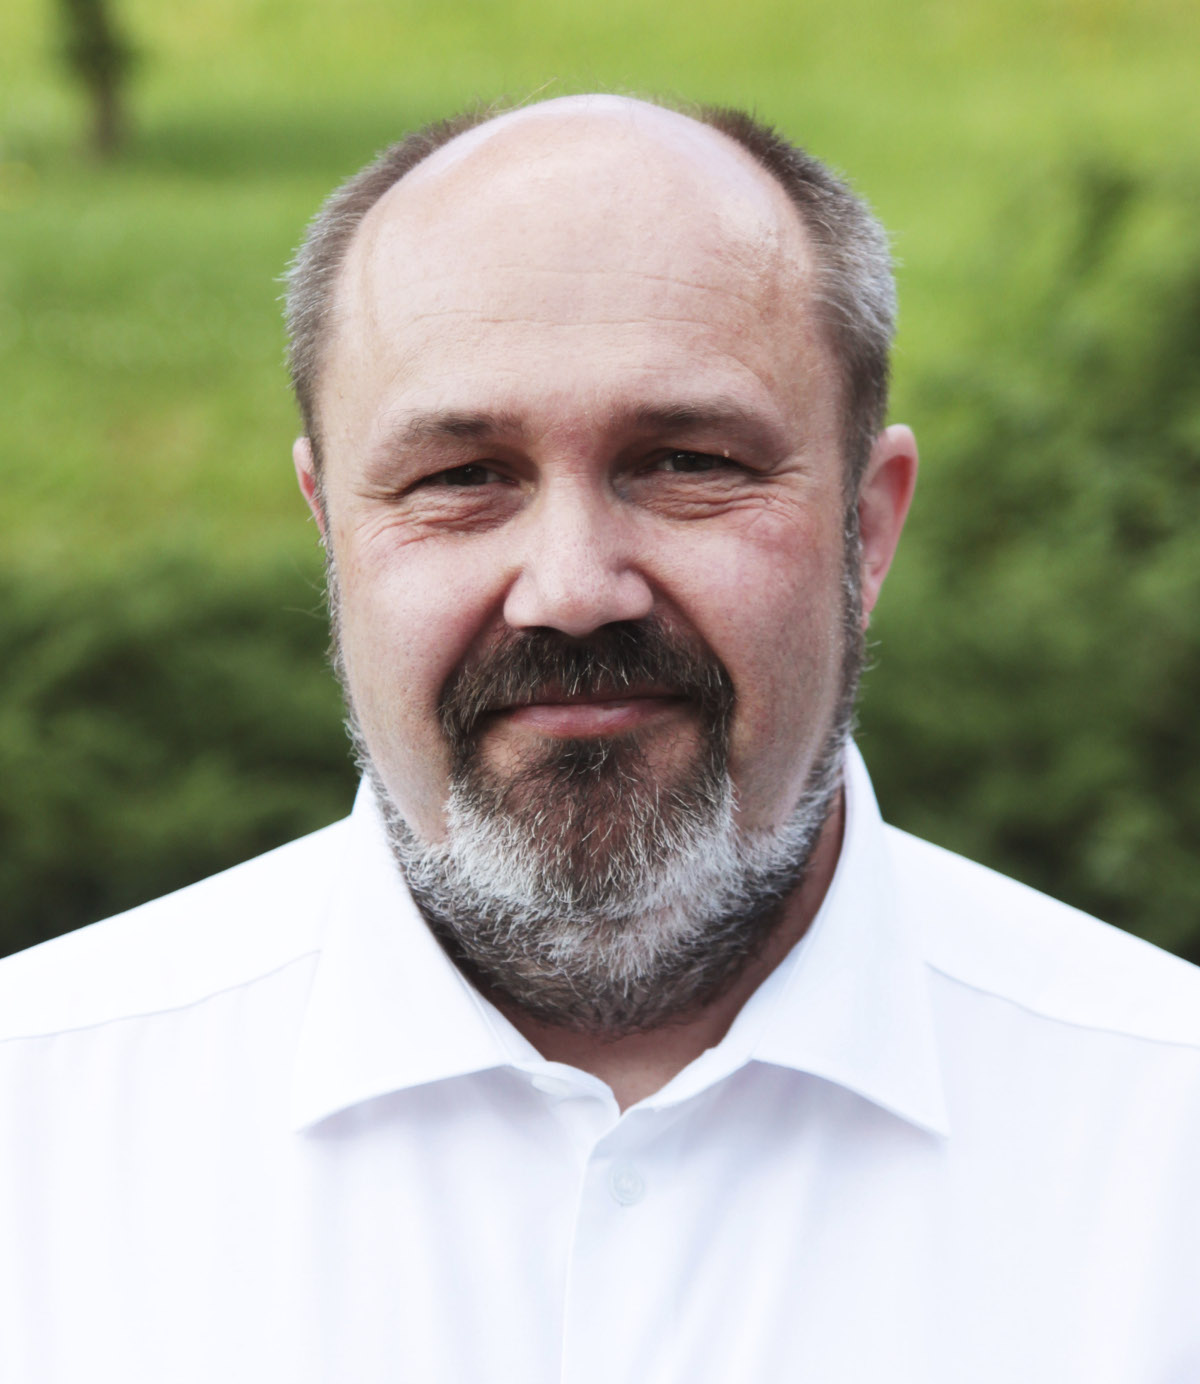 Pastor Tomáš Pospíchal